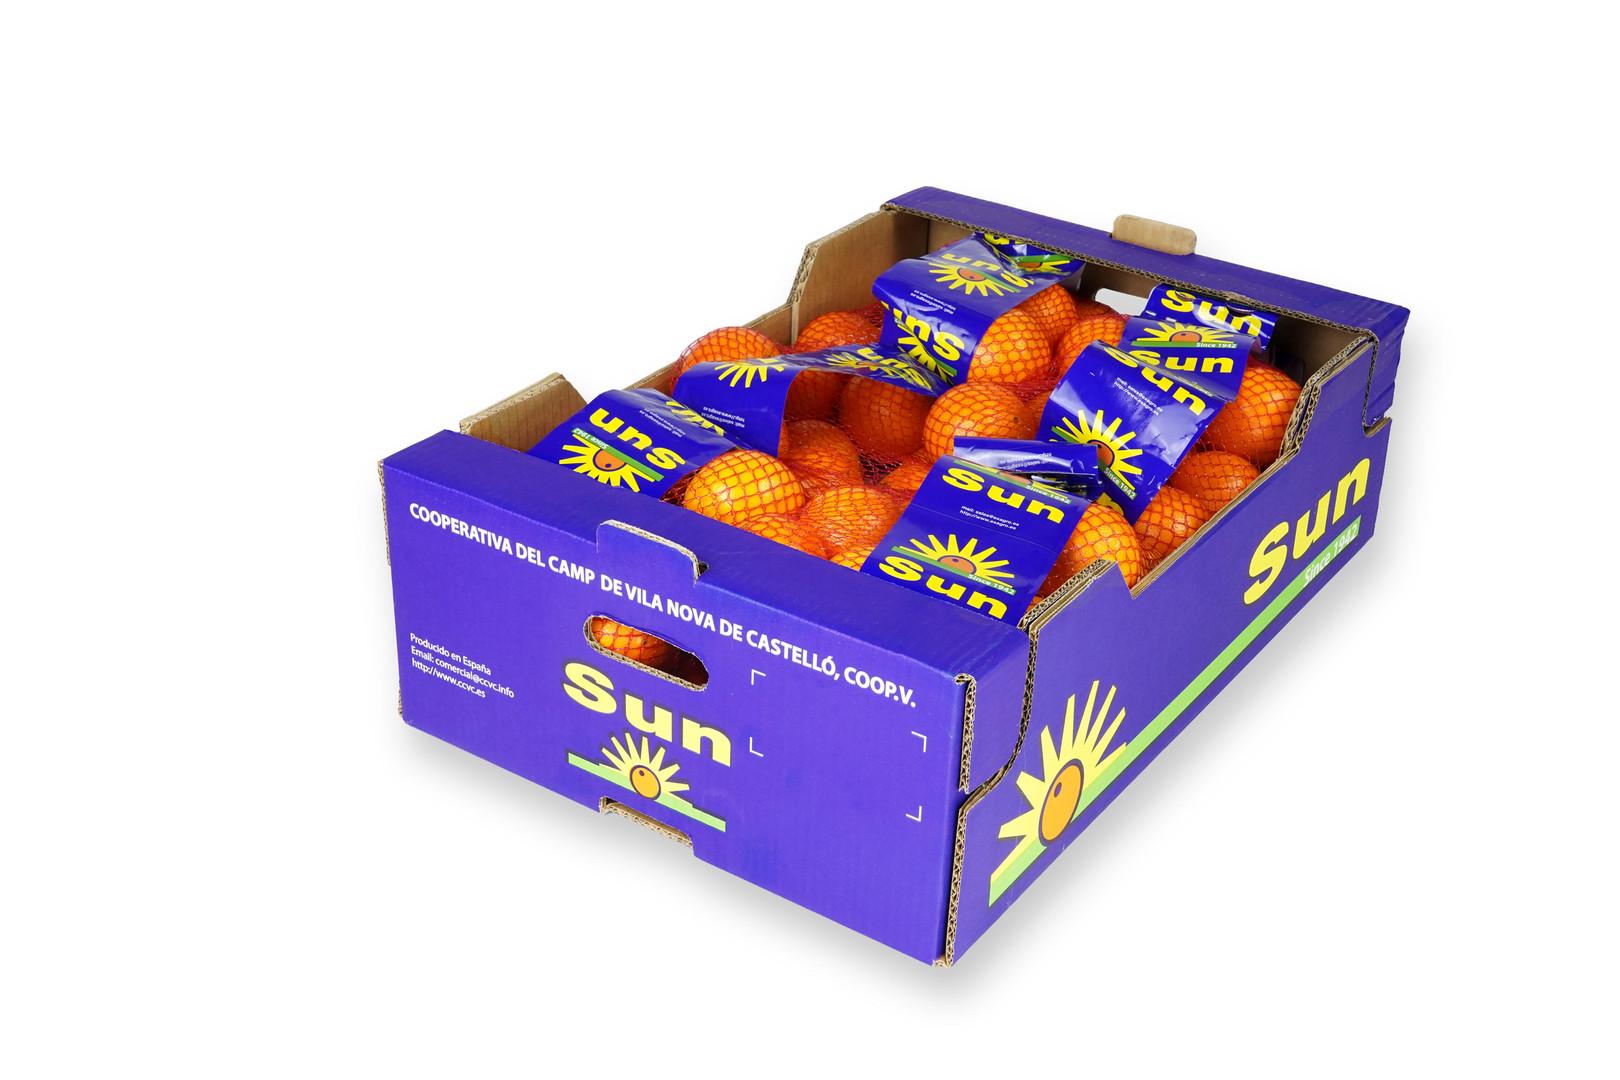 Naranja Sun encajado malla 14Kg